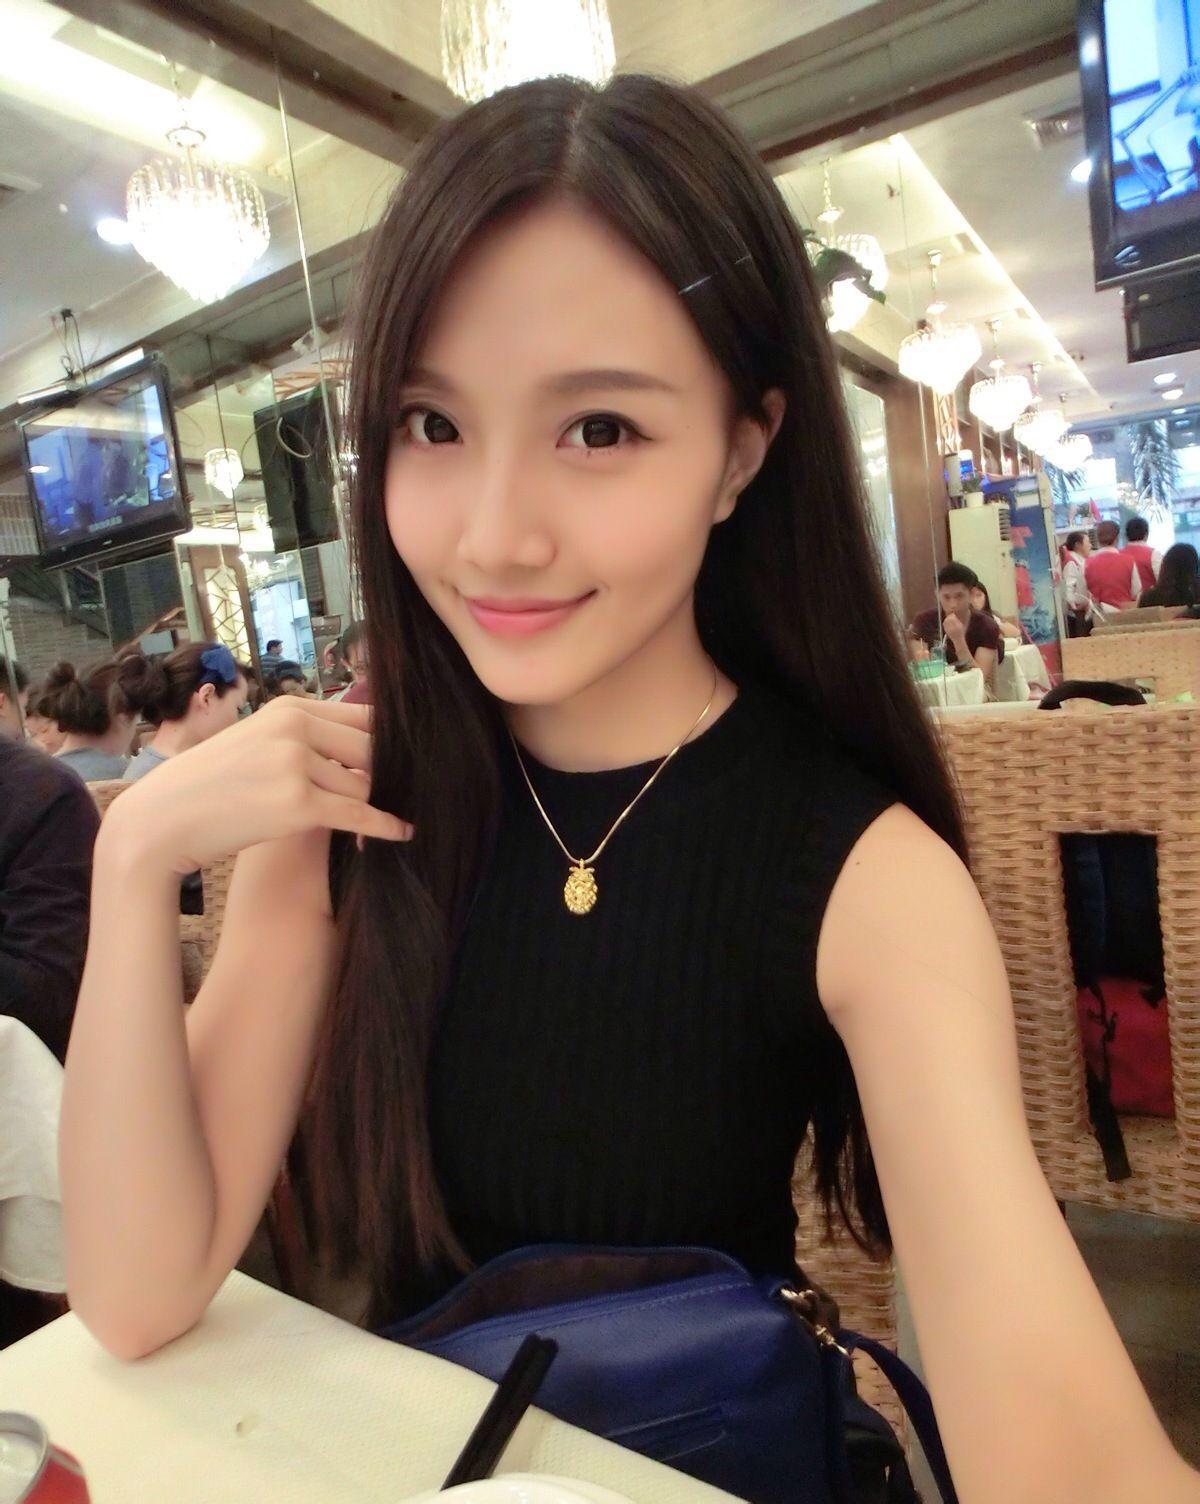 中国有哪些美女